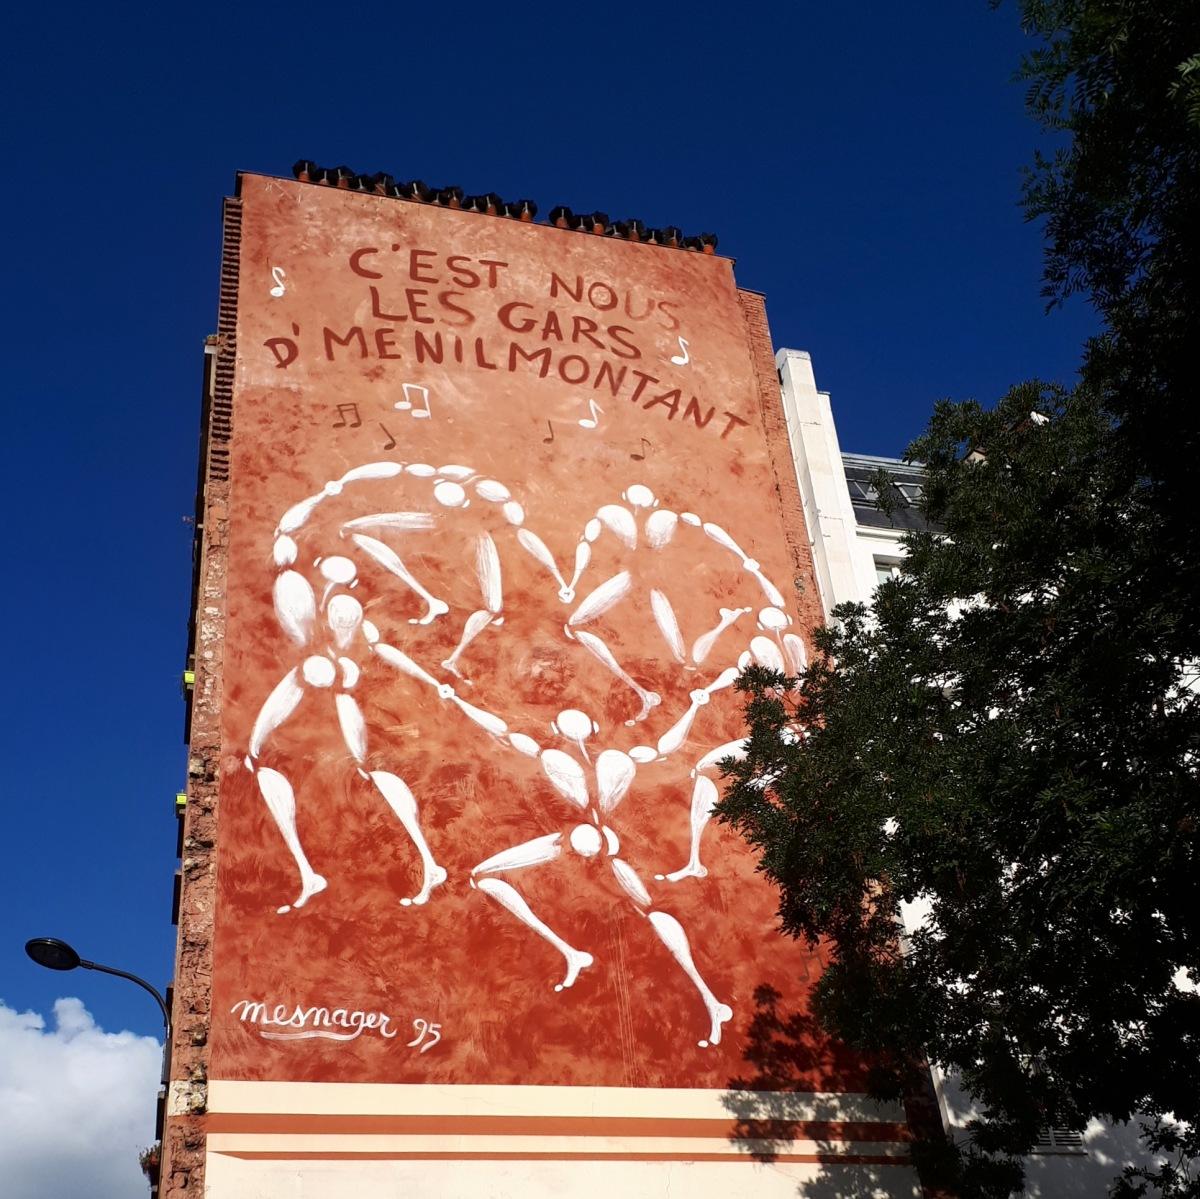 Street art by Mesnager @ Oberkampf, Paris